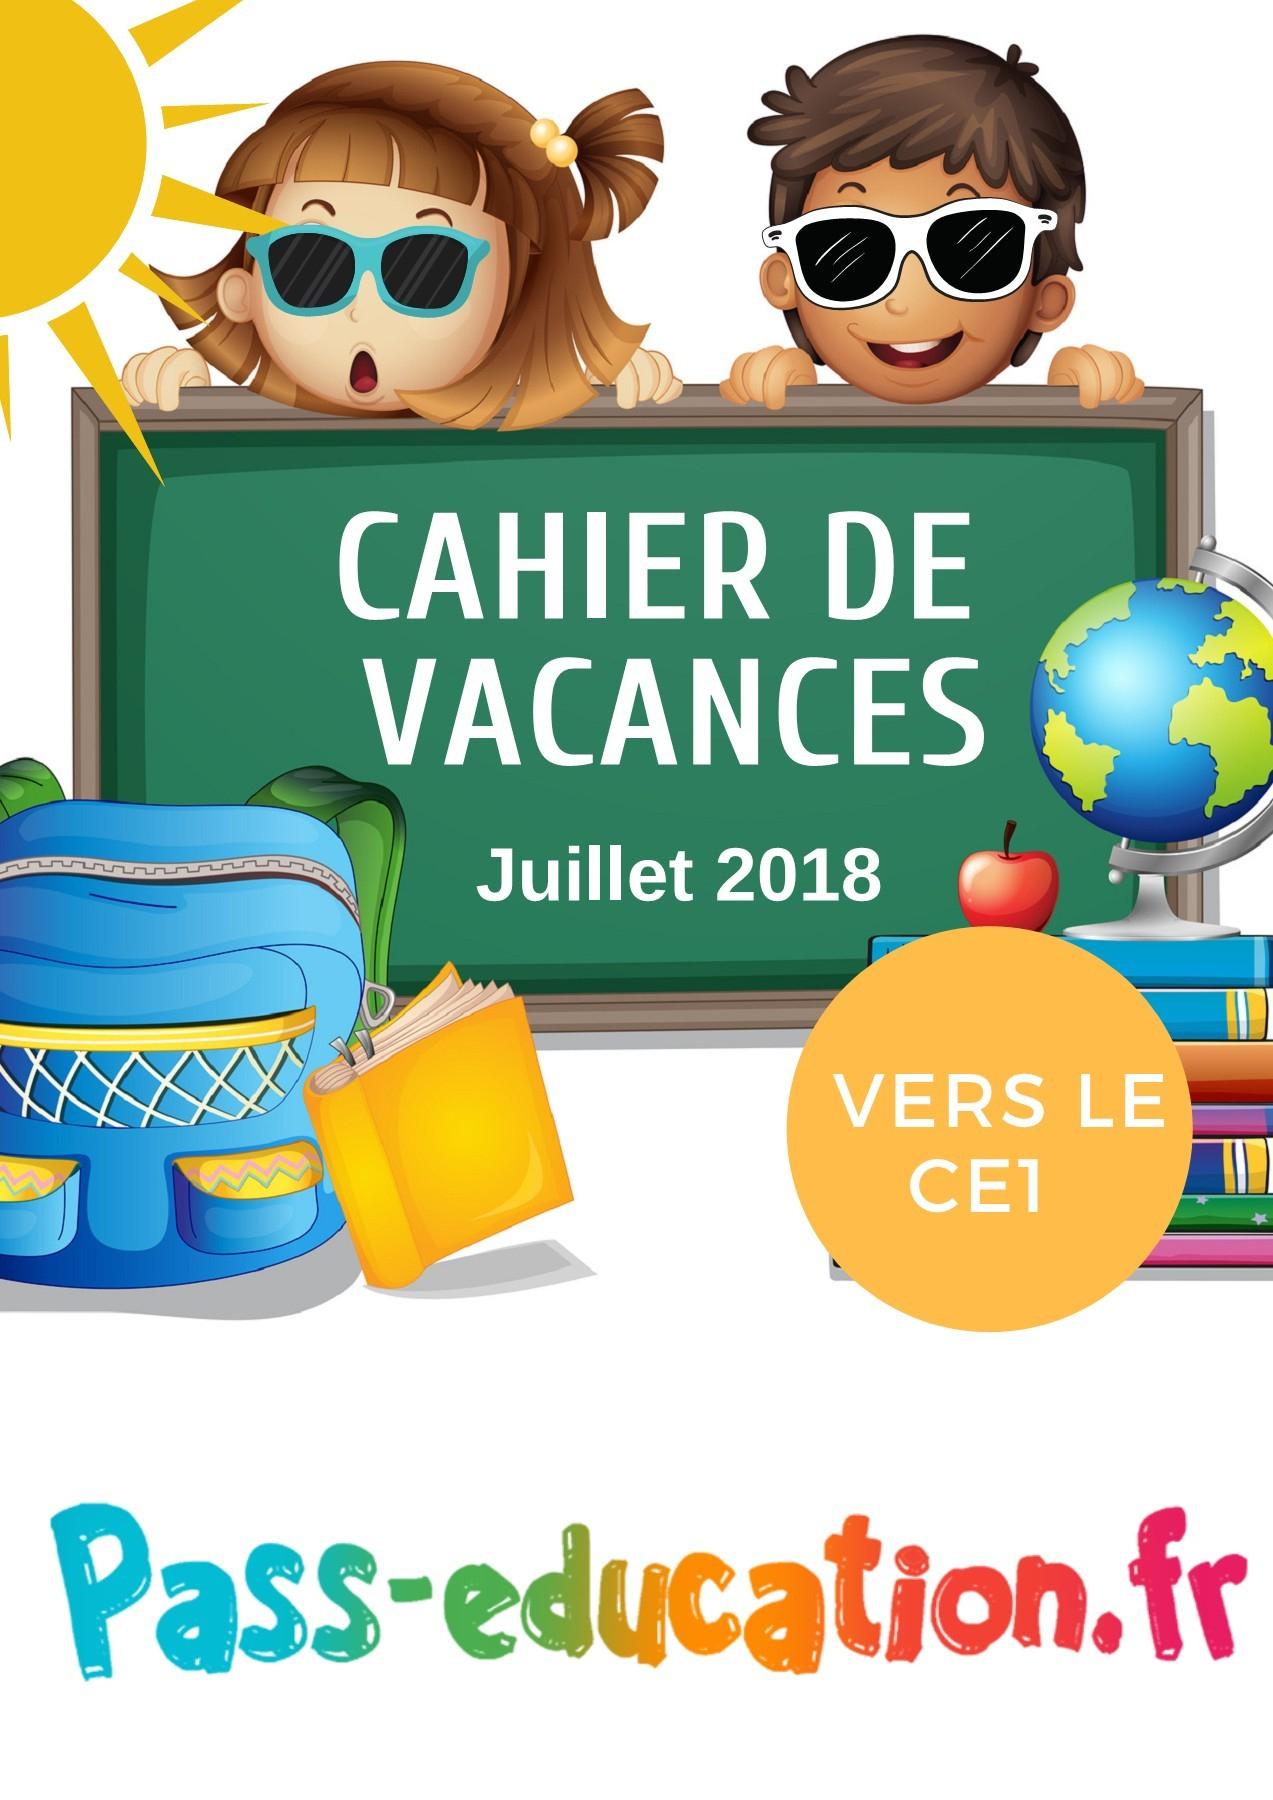 Cahier De Vacances Gratuit À Imprimer - Cp Vers Le Ce1 - Juillet dedans Cahier De Vacances Maternelle À Imprimer